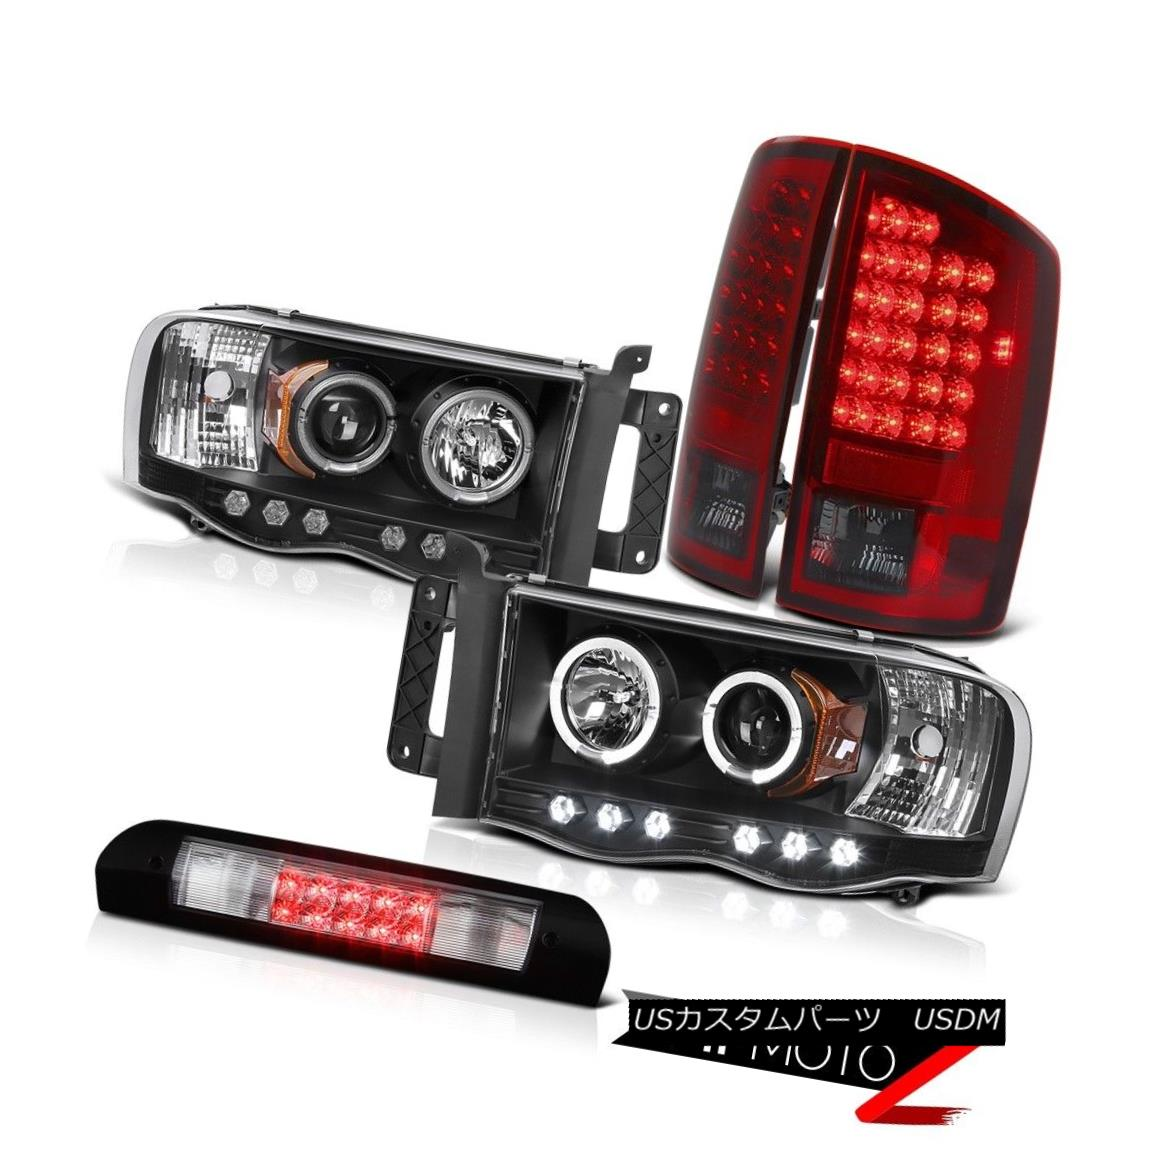 ヘッドライト LED Daytime Projector Headlights Bulbs Taillights High Stop 02-05 Ram PowerTech LED昼間プロジェクターヘッドライトバルブ灯台ハイストップ02-05 Ram PowerTech